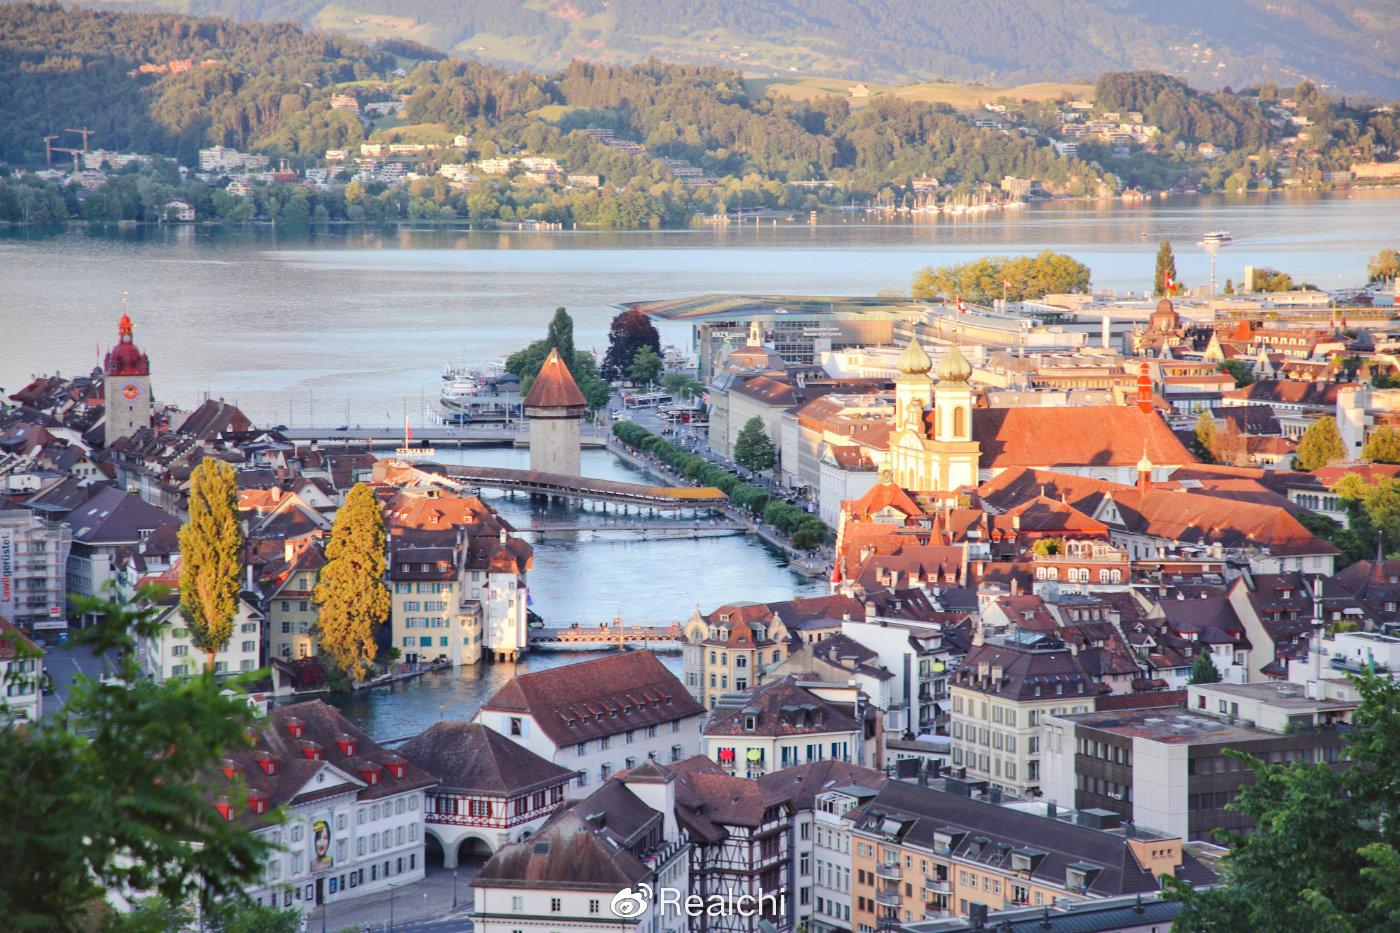 瑞士琉森:名字就像一幅流动的画卷